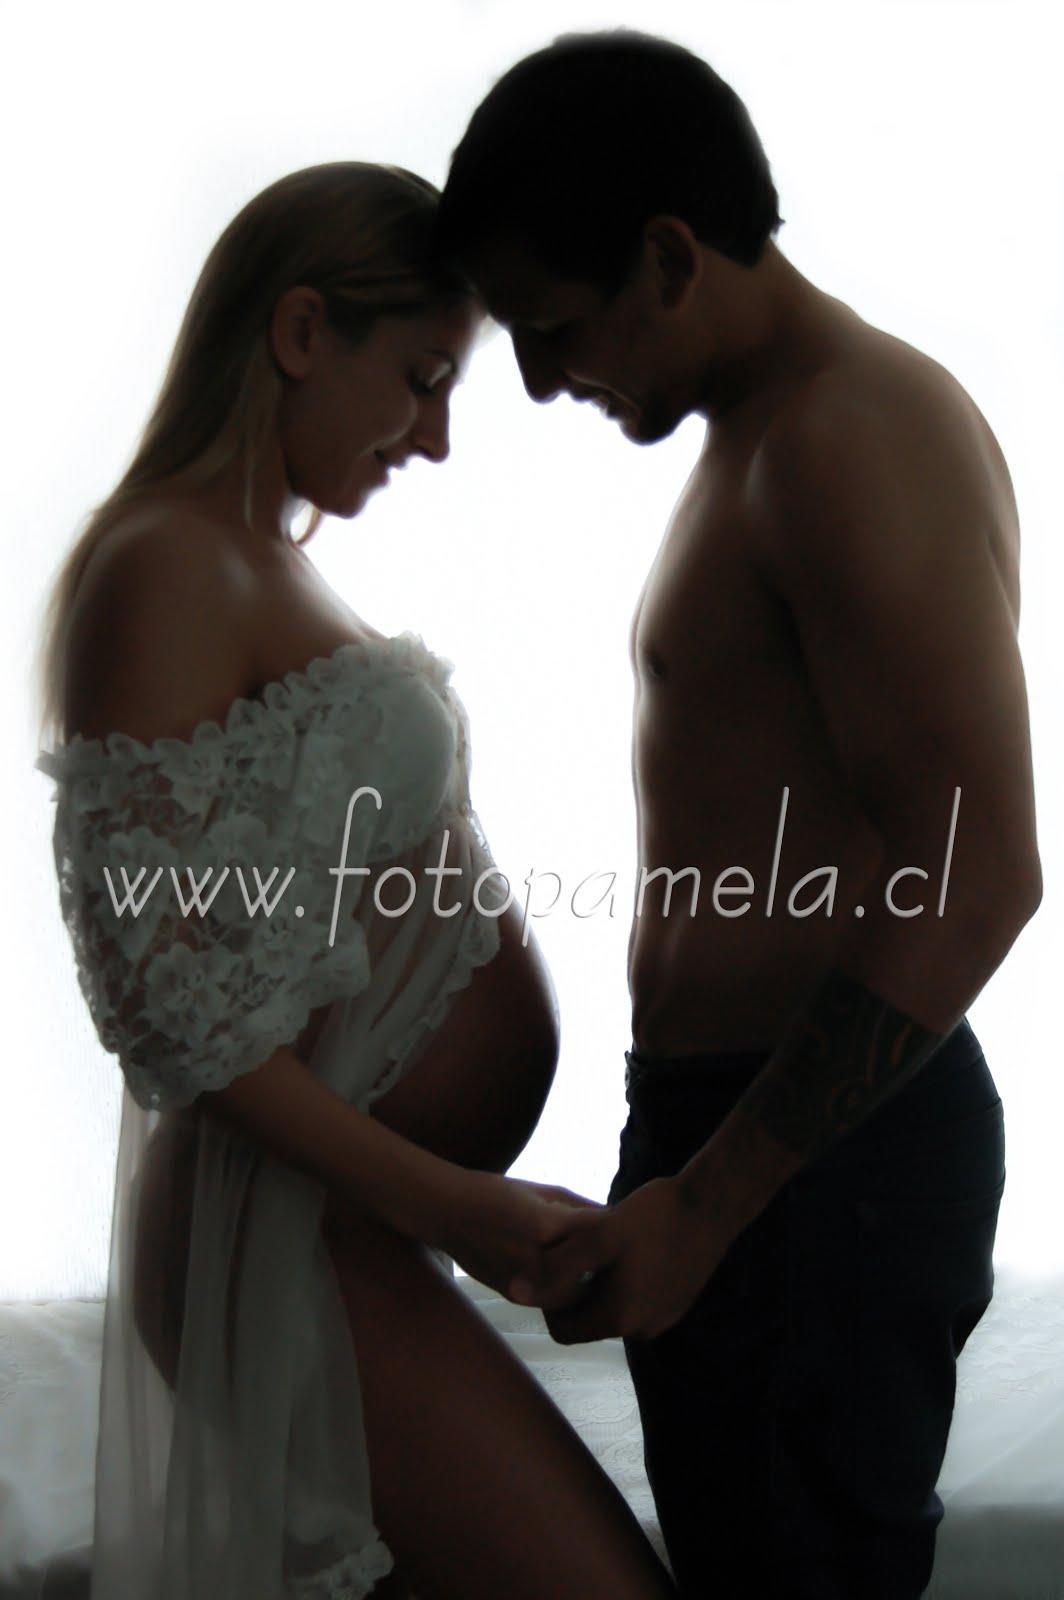 embarazada sesion pareja silueta en estudio fotografico en santiago